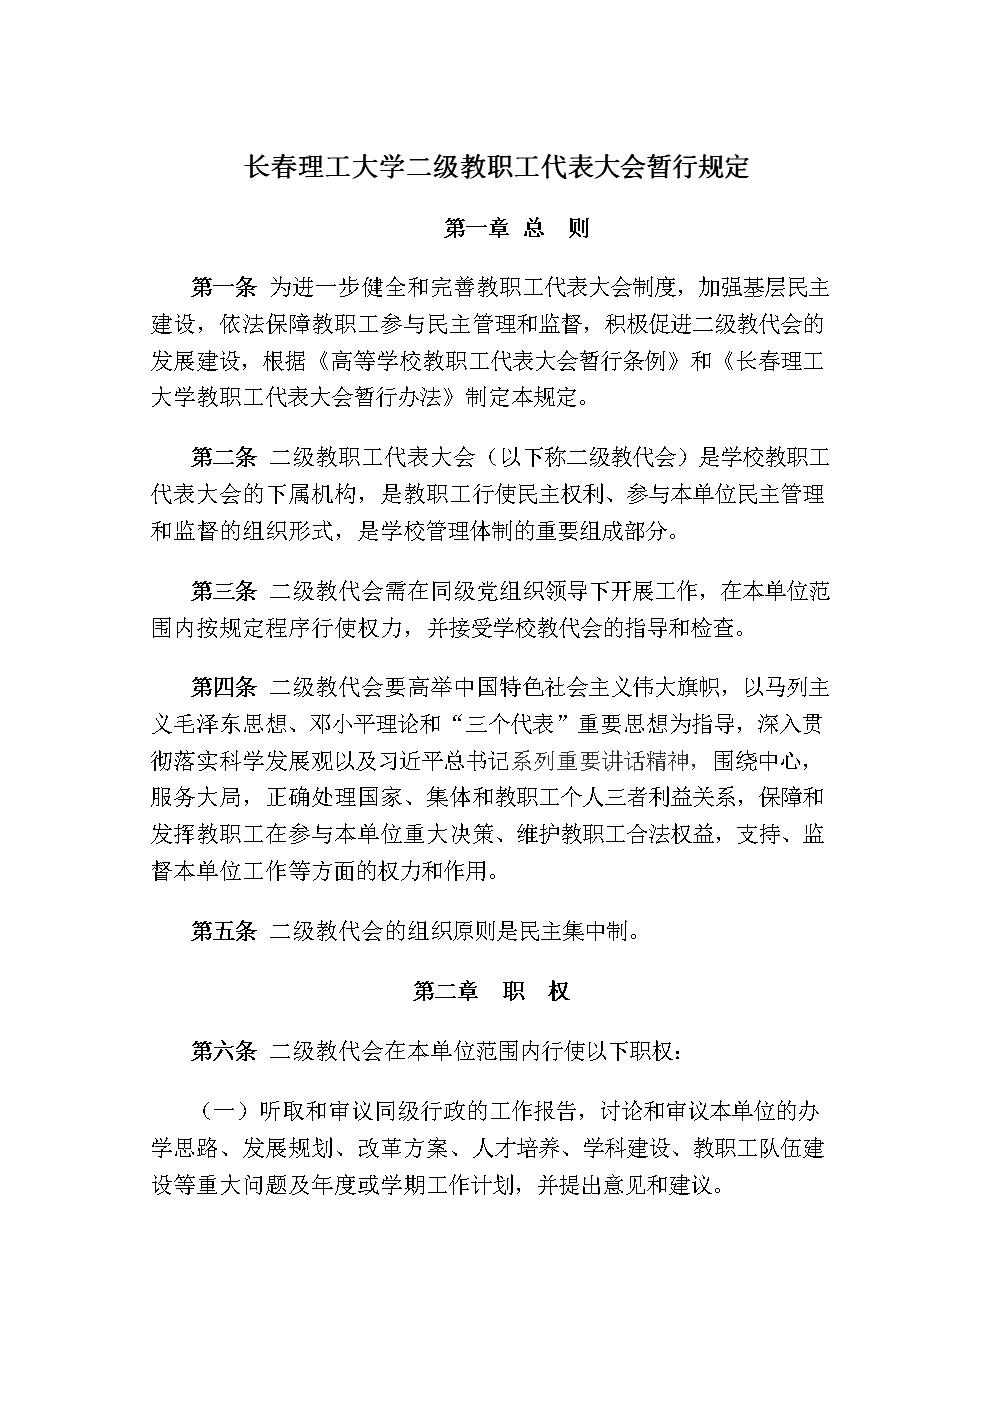 长春理工大学二级教职工代表大会暂行条例.doc